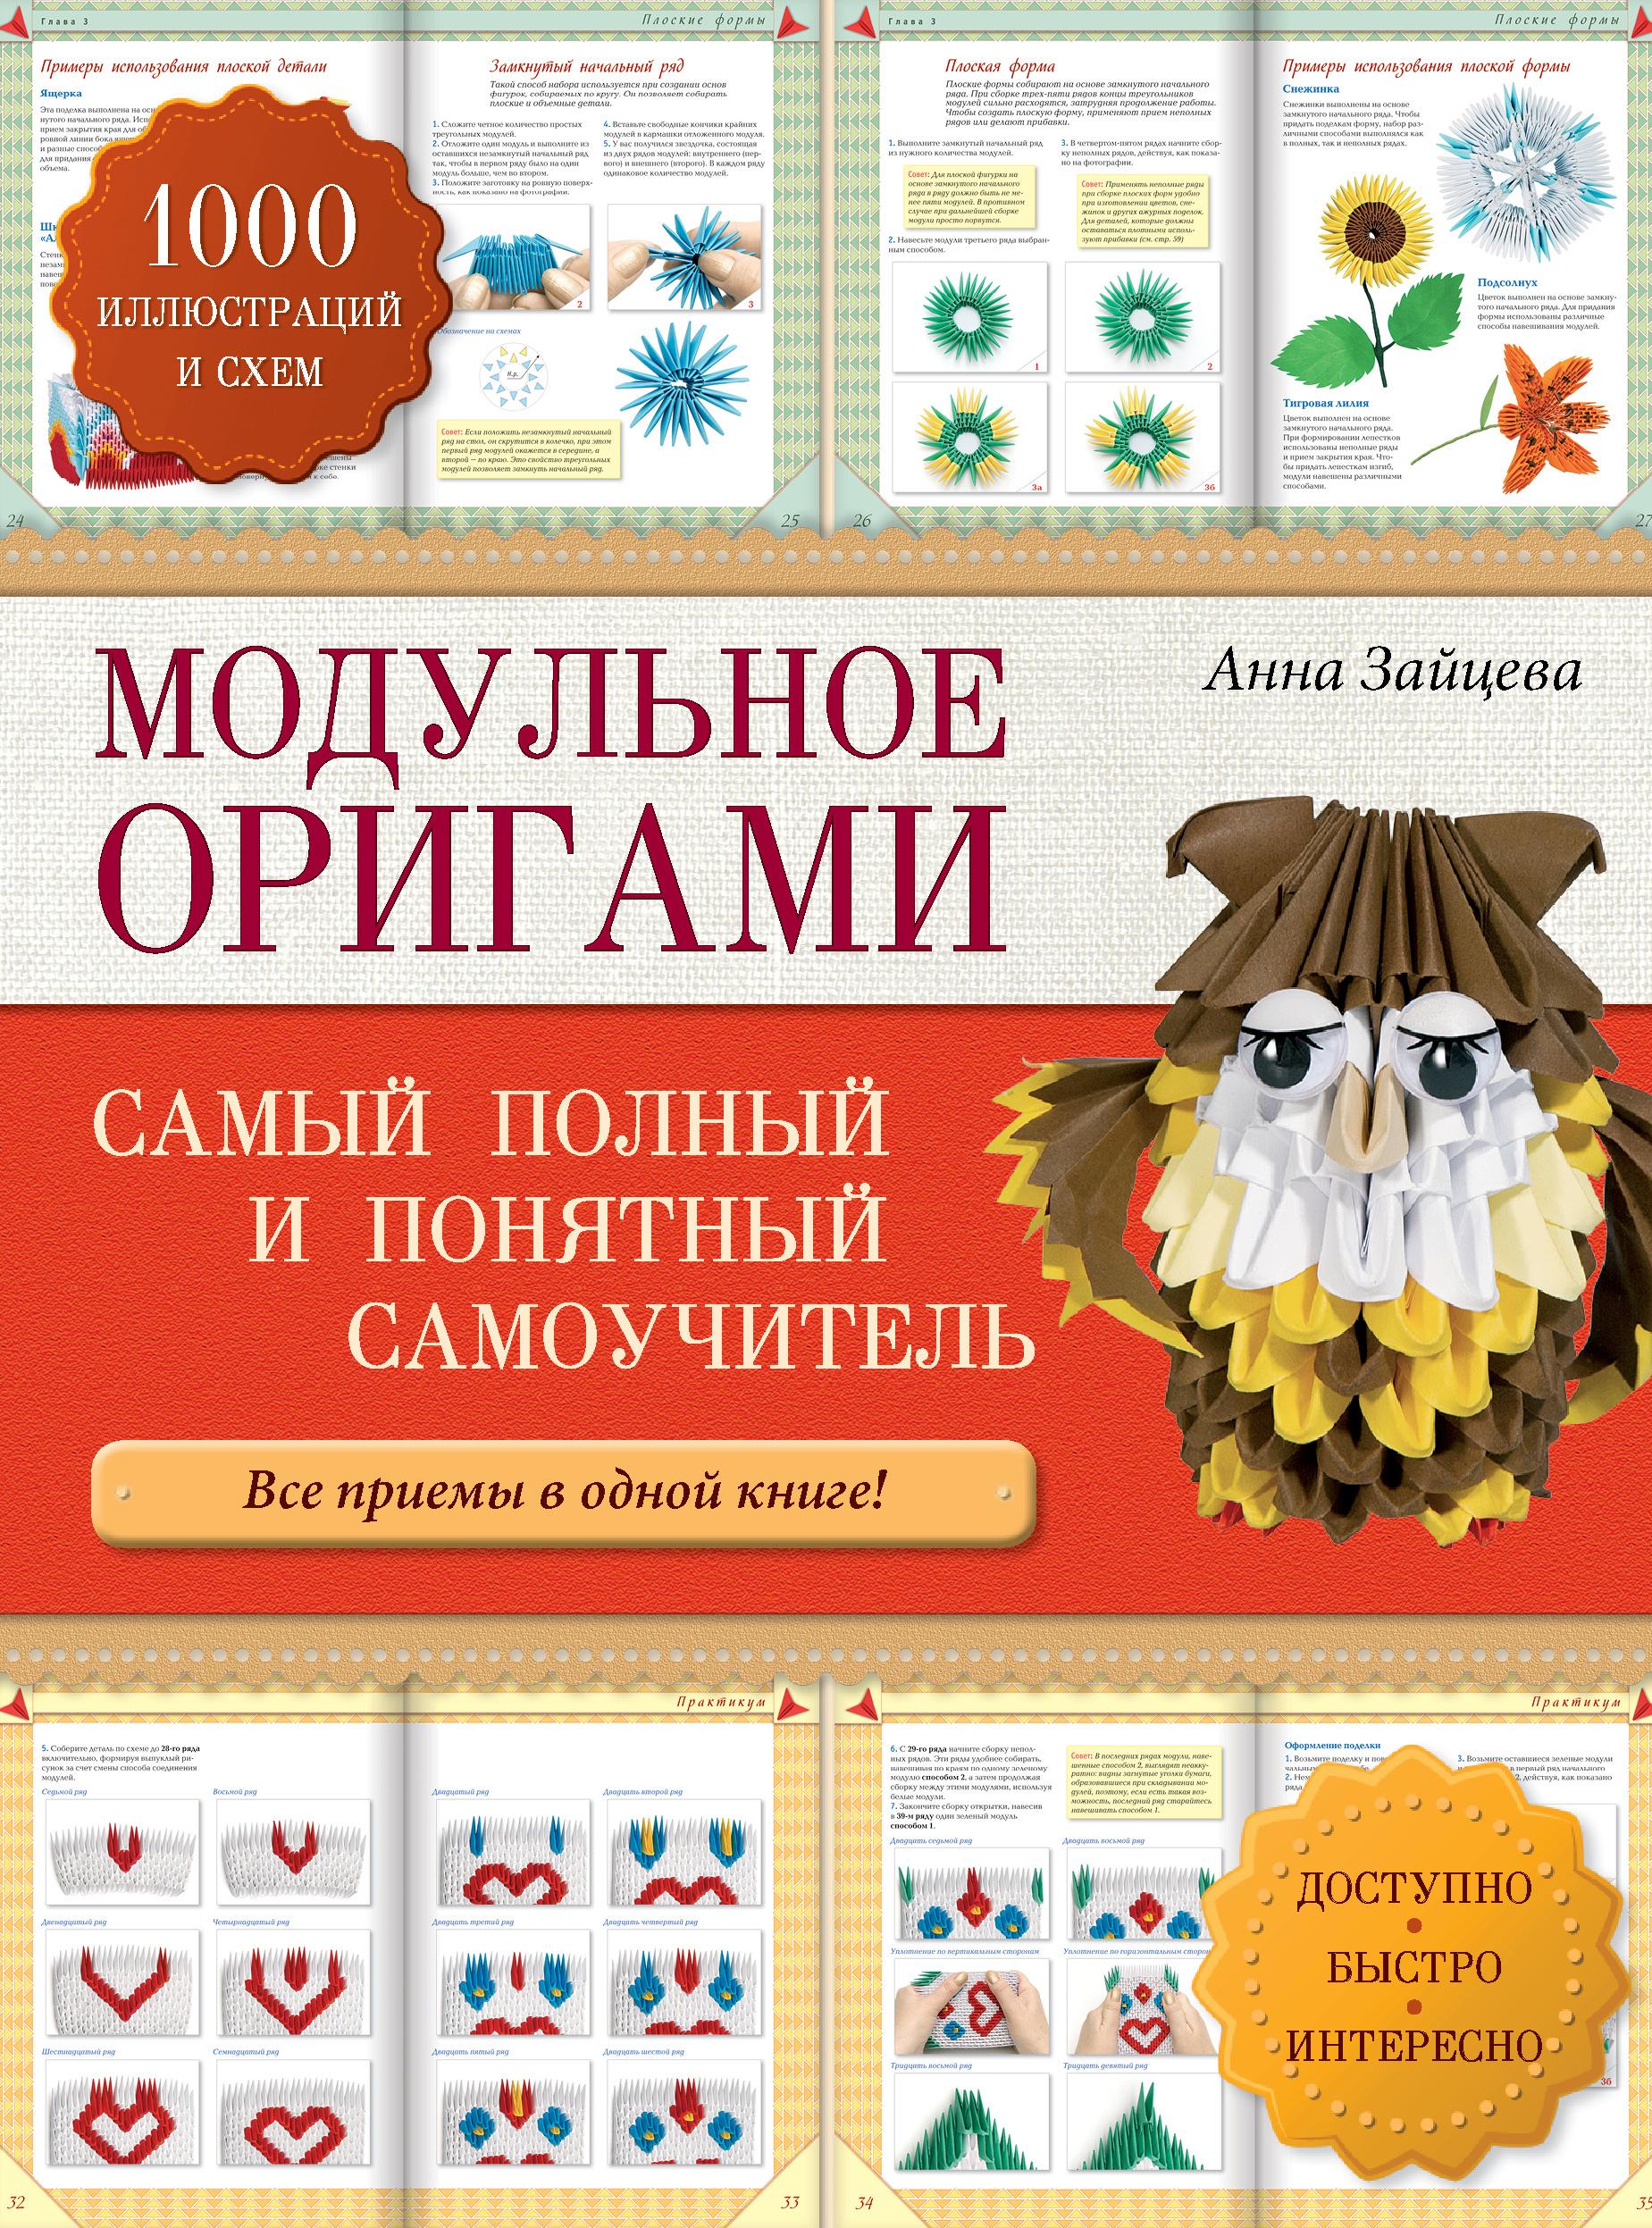 Анна Зайцева Модульное оригами: самый полный и понятный самоучитель анна зайцева модульное оригами самый полный и понятный самоучитель